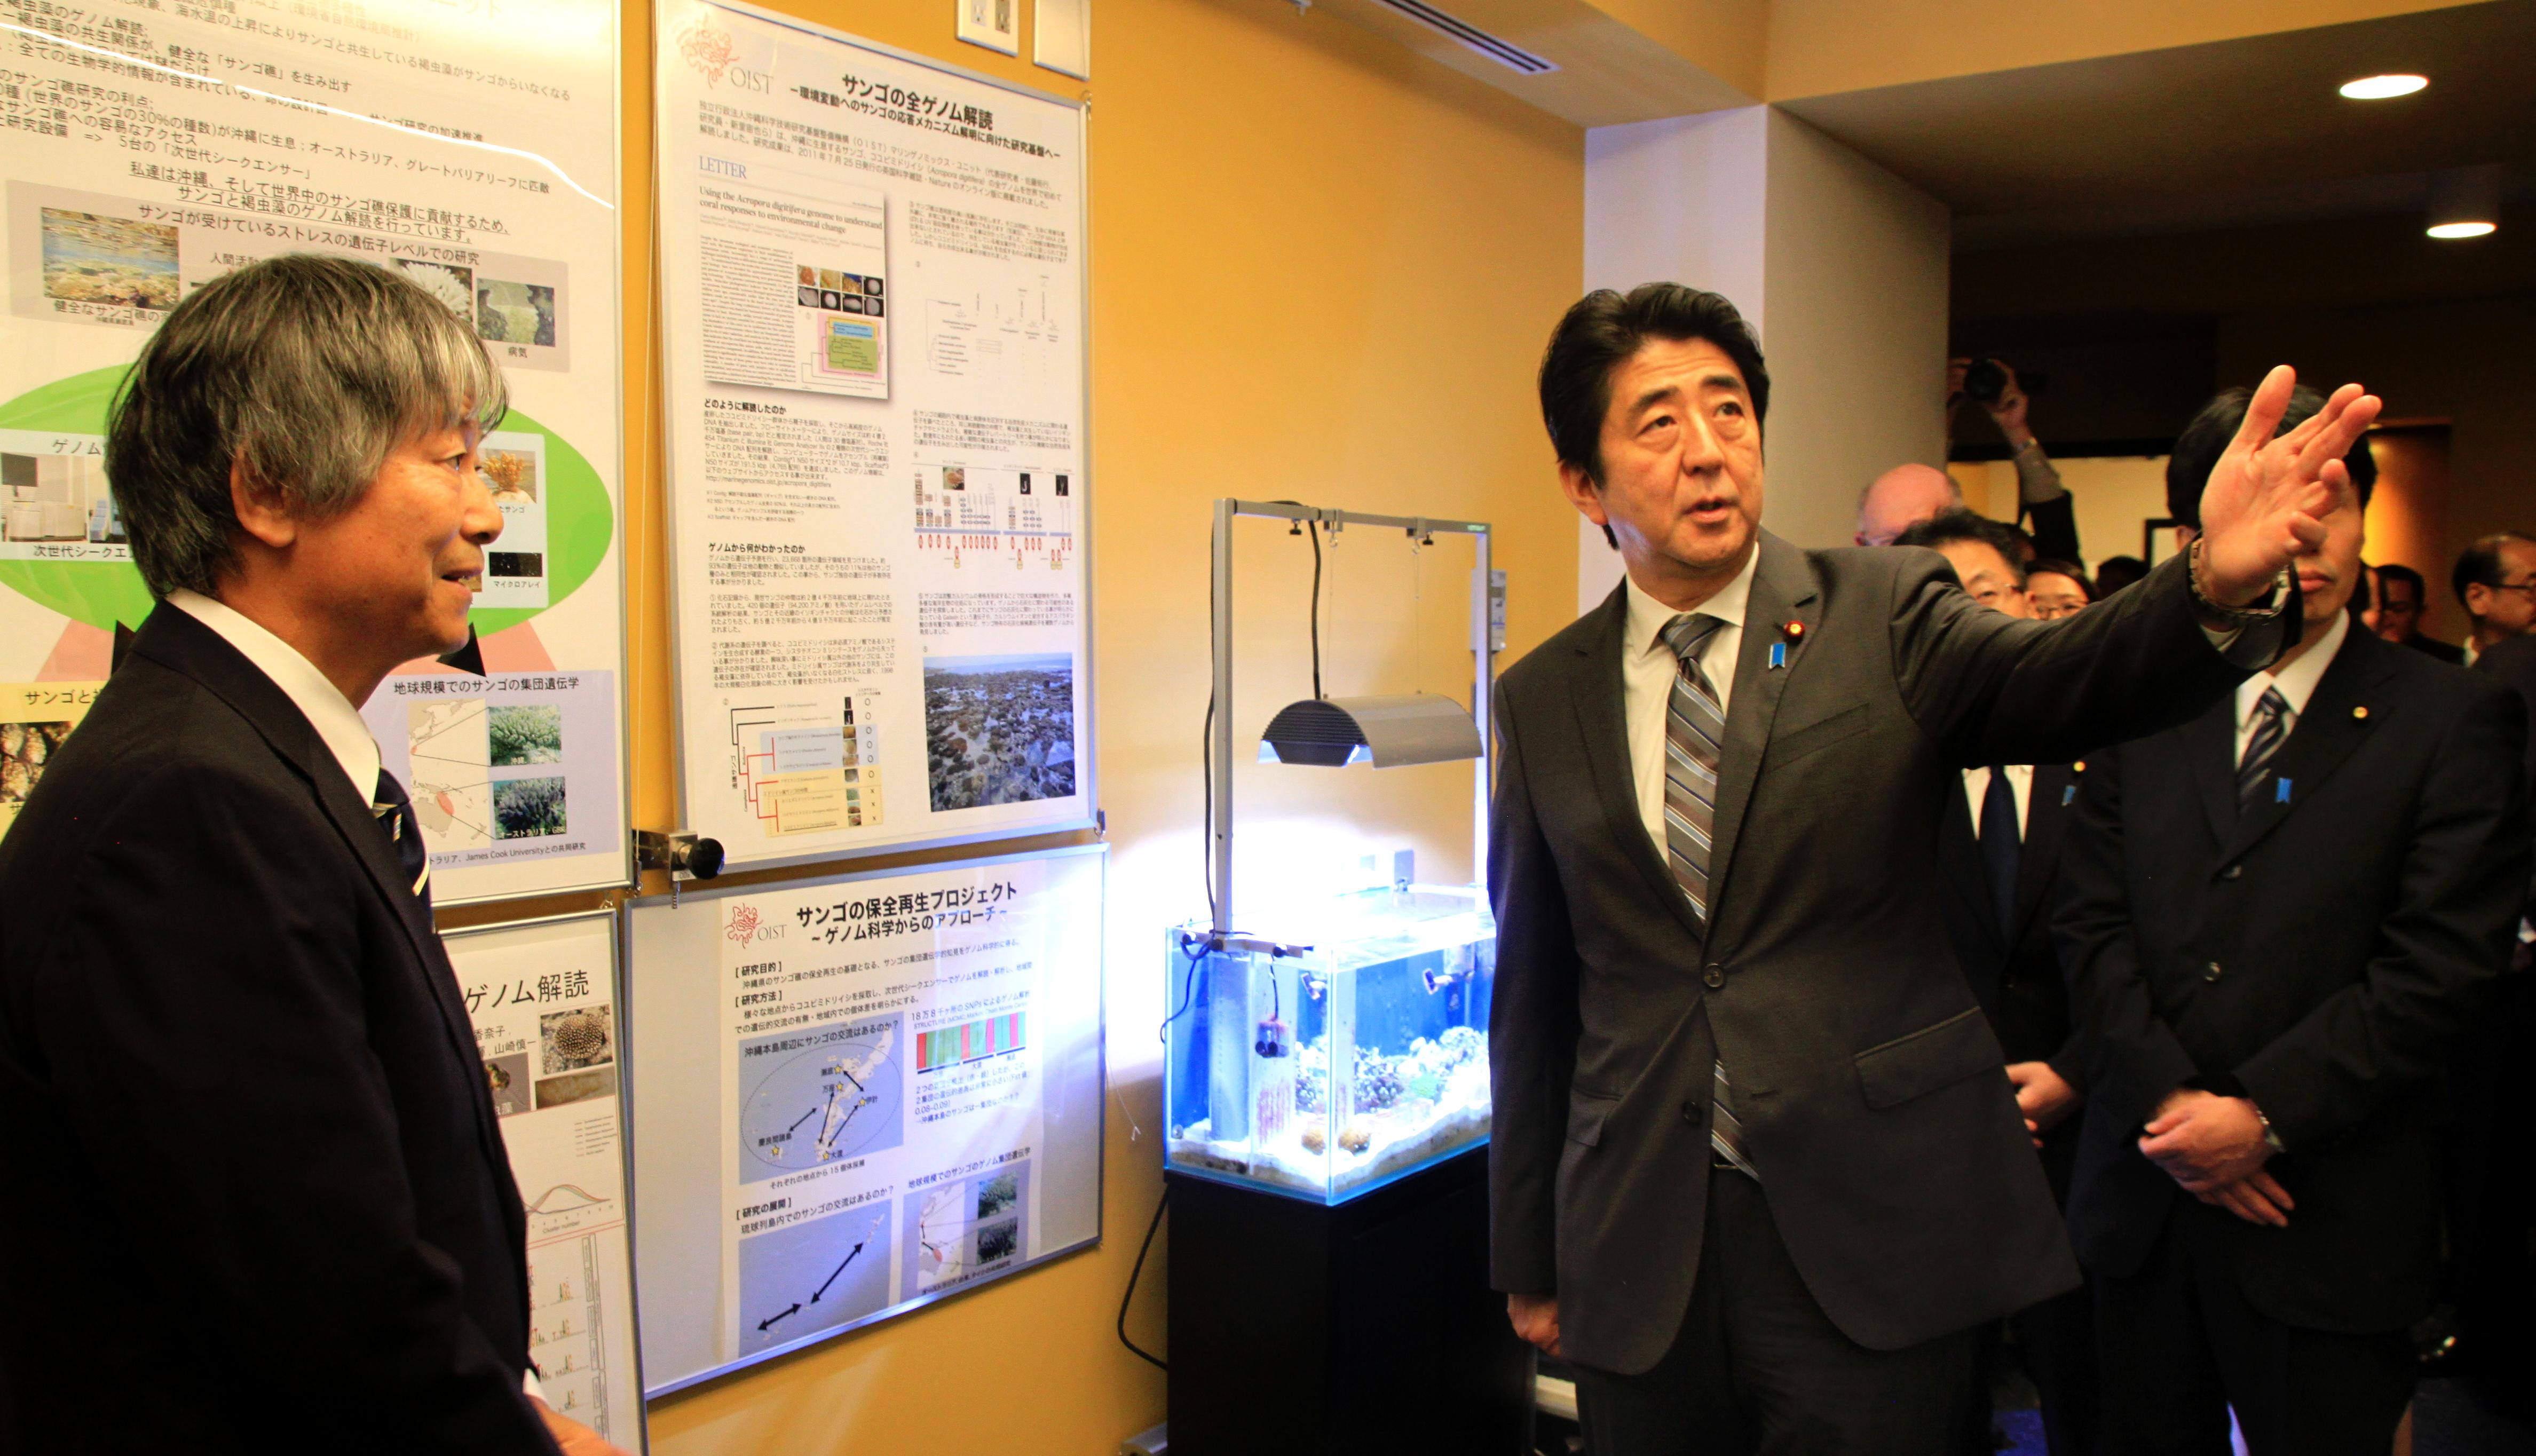 Thủ tướng Shinzo Abe trao đổi với giáo sư hệ gene Noriyuki Satoh trong chuyến tới thăm Viện KH&CN Okinawa năm 2013. Nguồn: Viện KH&CN Okinawa